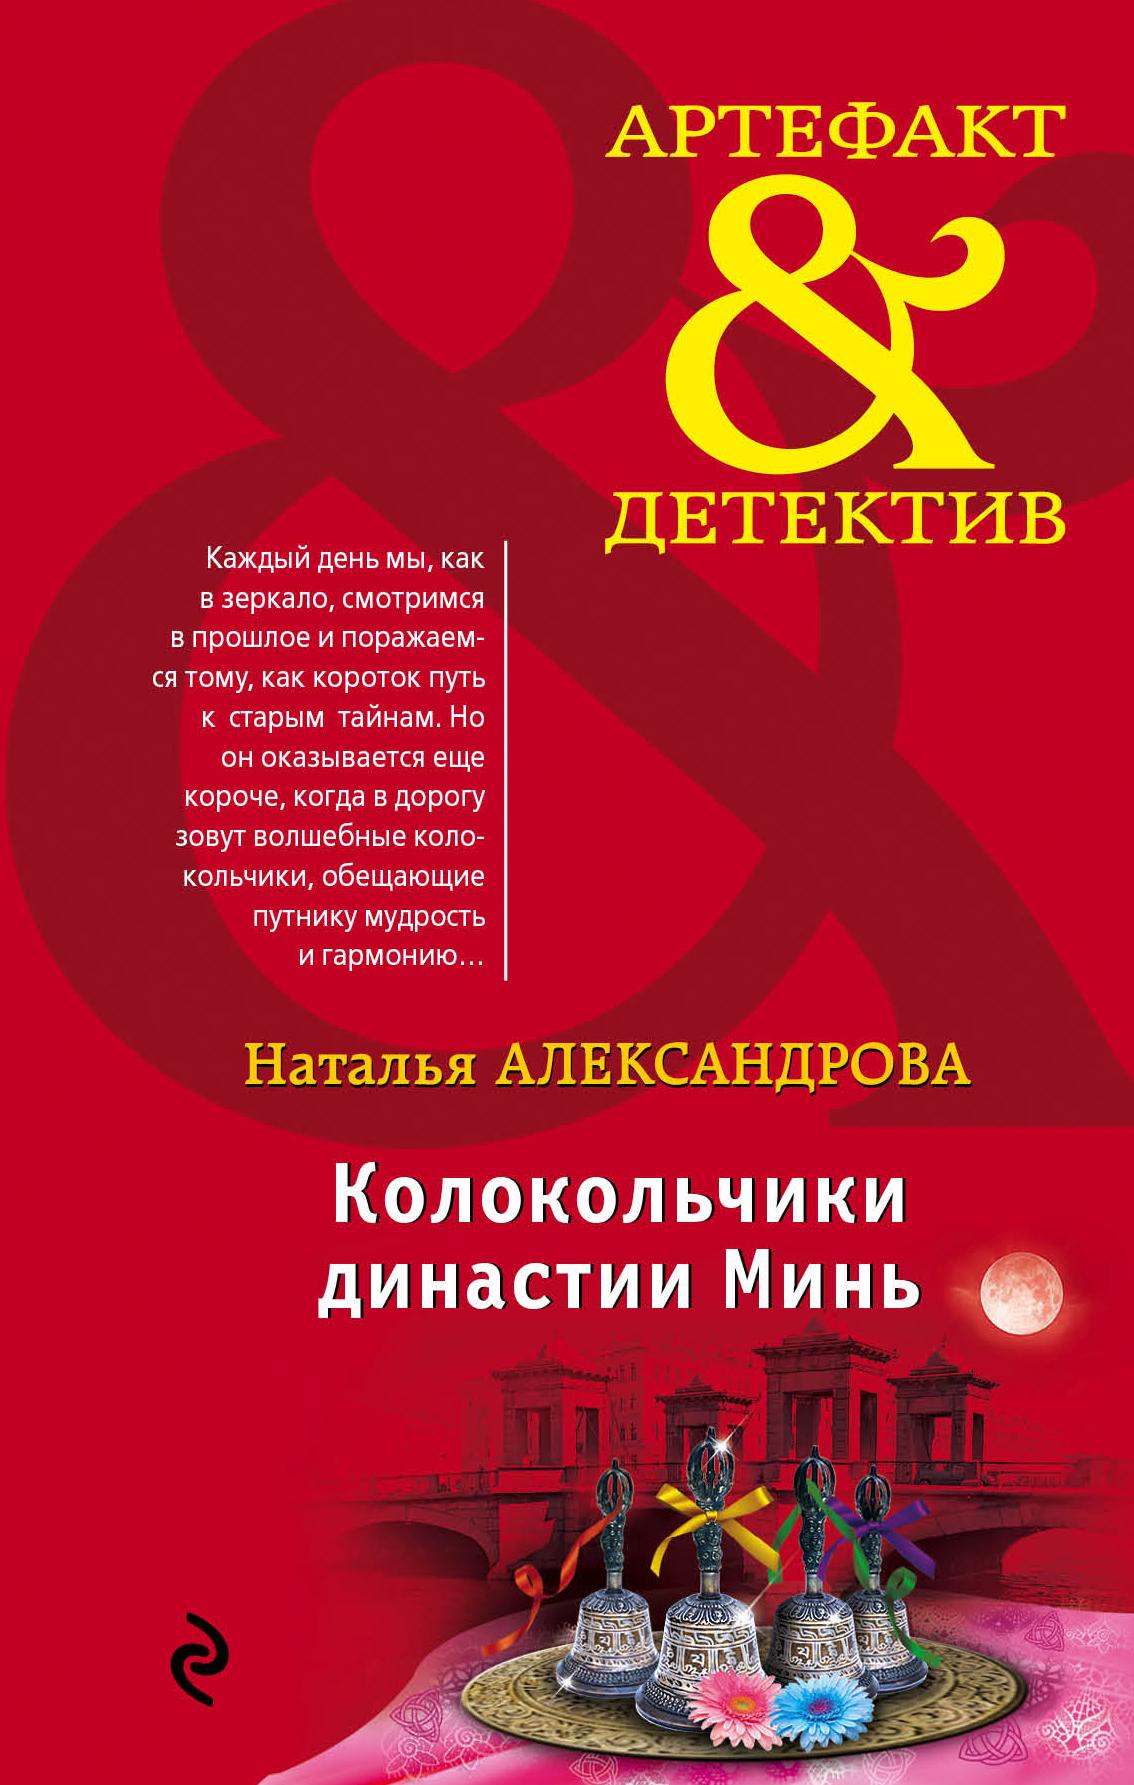 Александрова Наталья Николаевна Колокольчики династии Минь